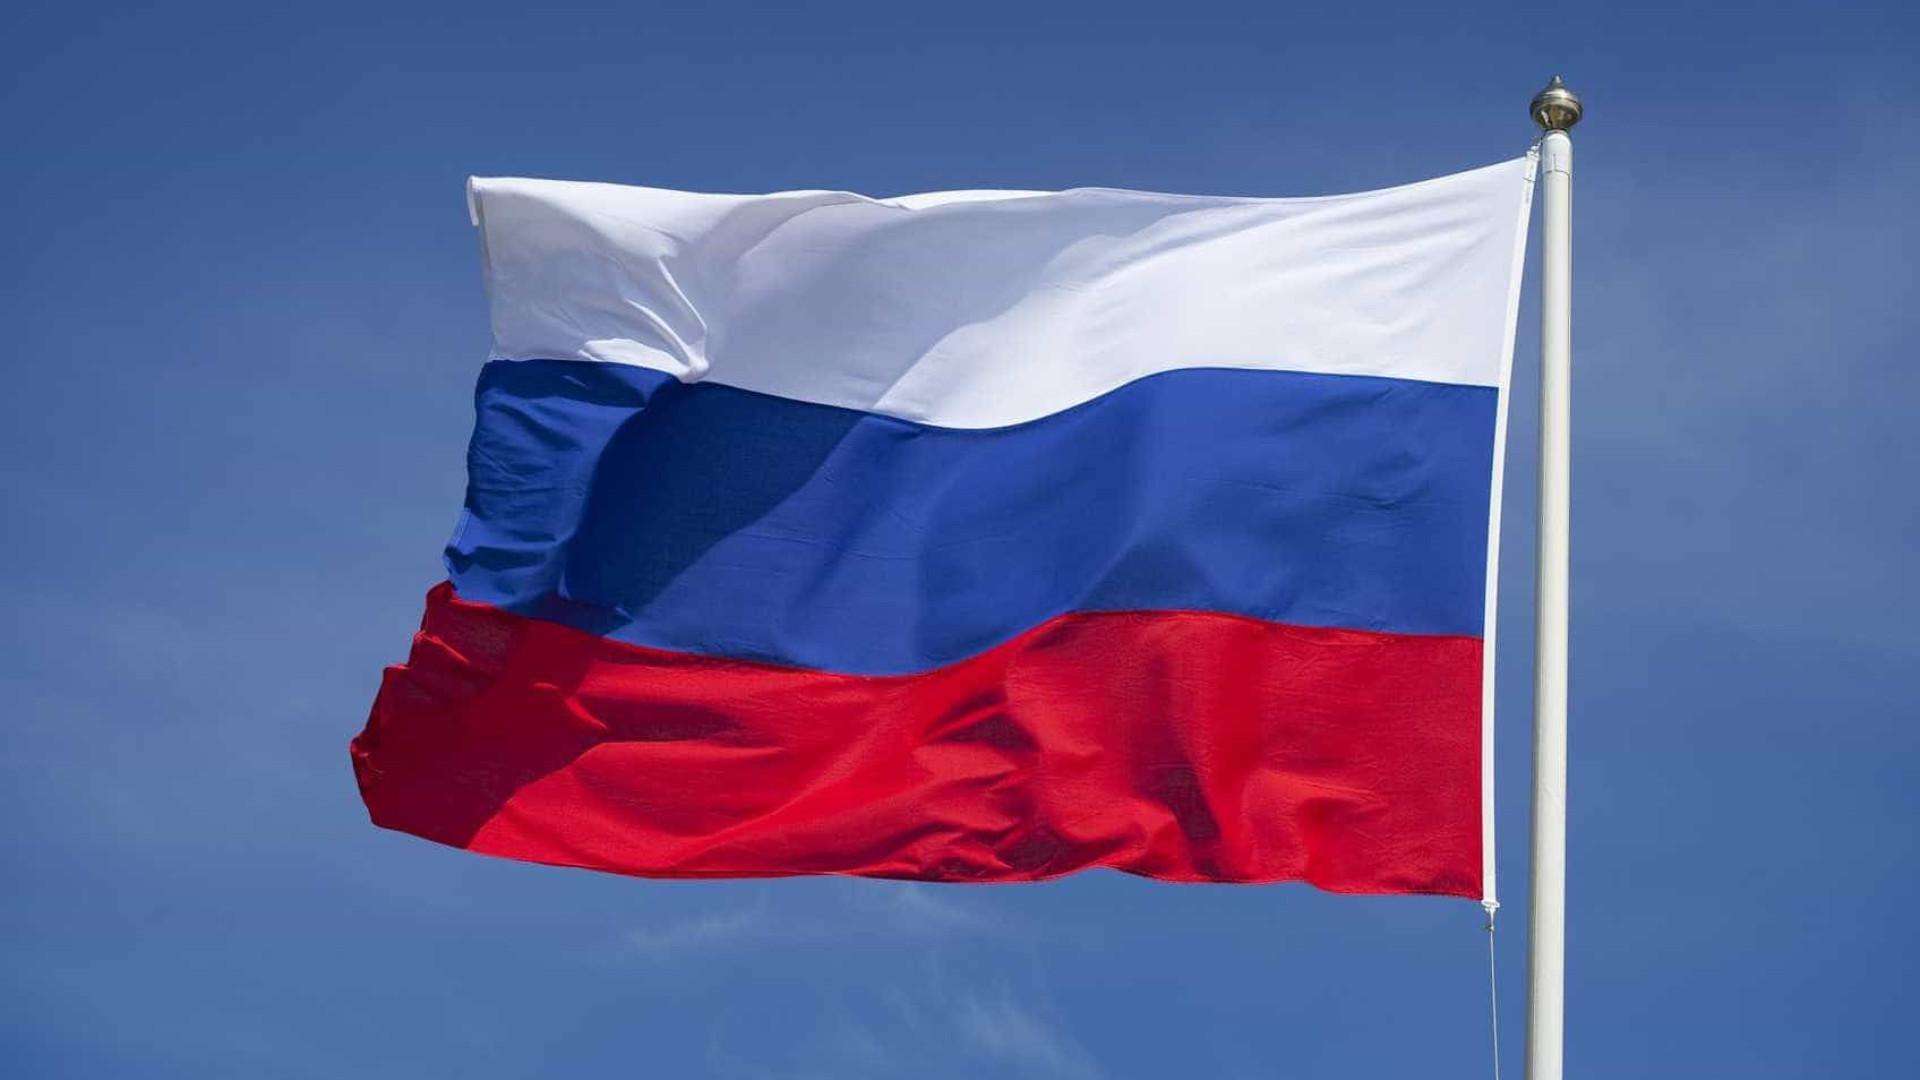 Rússia receia tensão gerada pela transferência da embaixada dos EUA